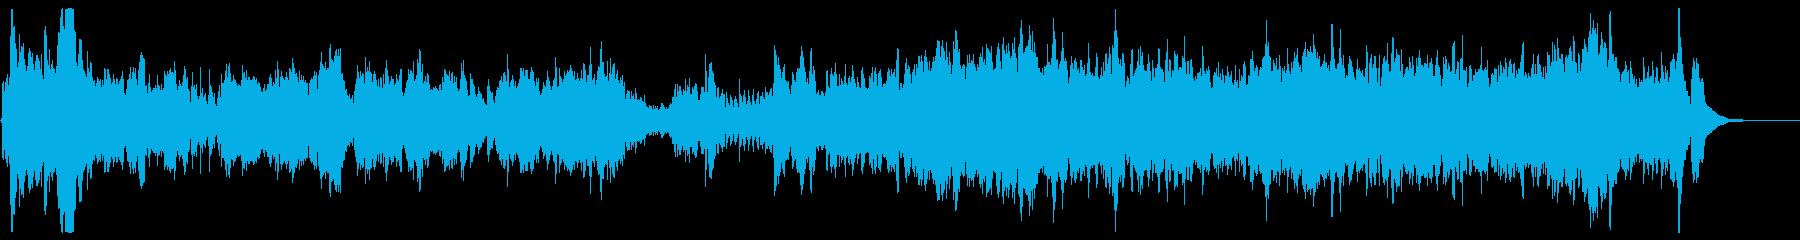 故宮 Ver2の再生済みの波形